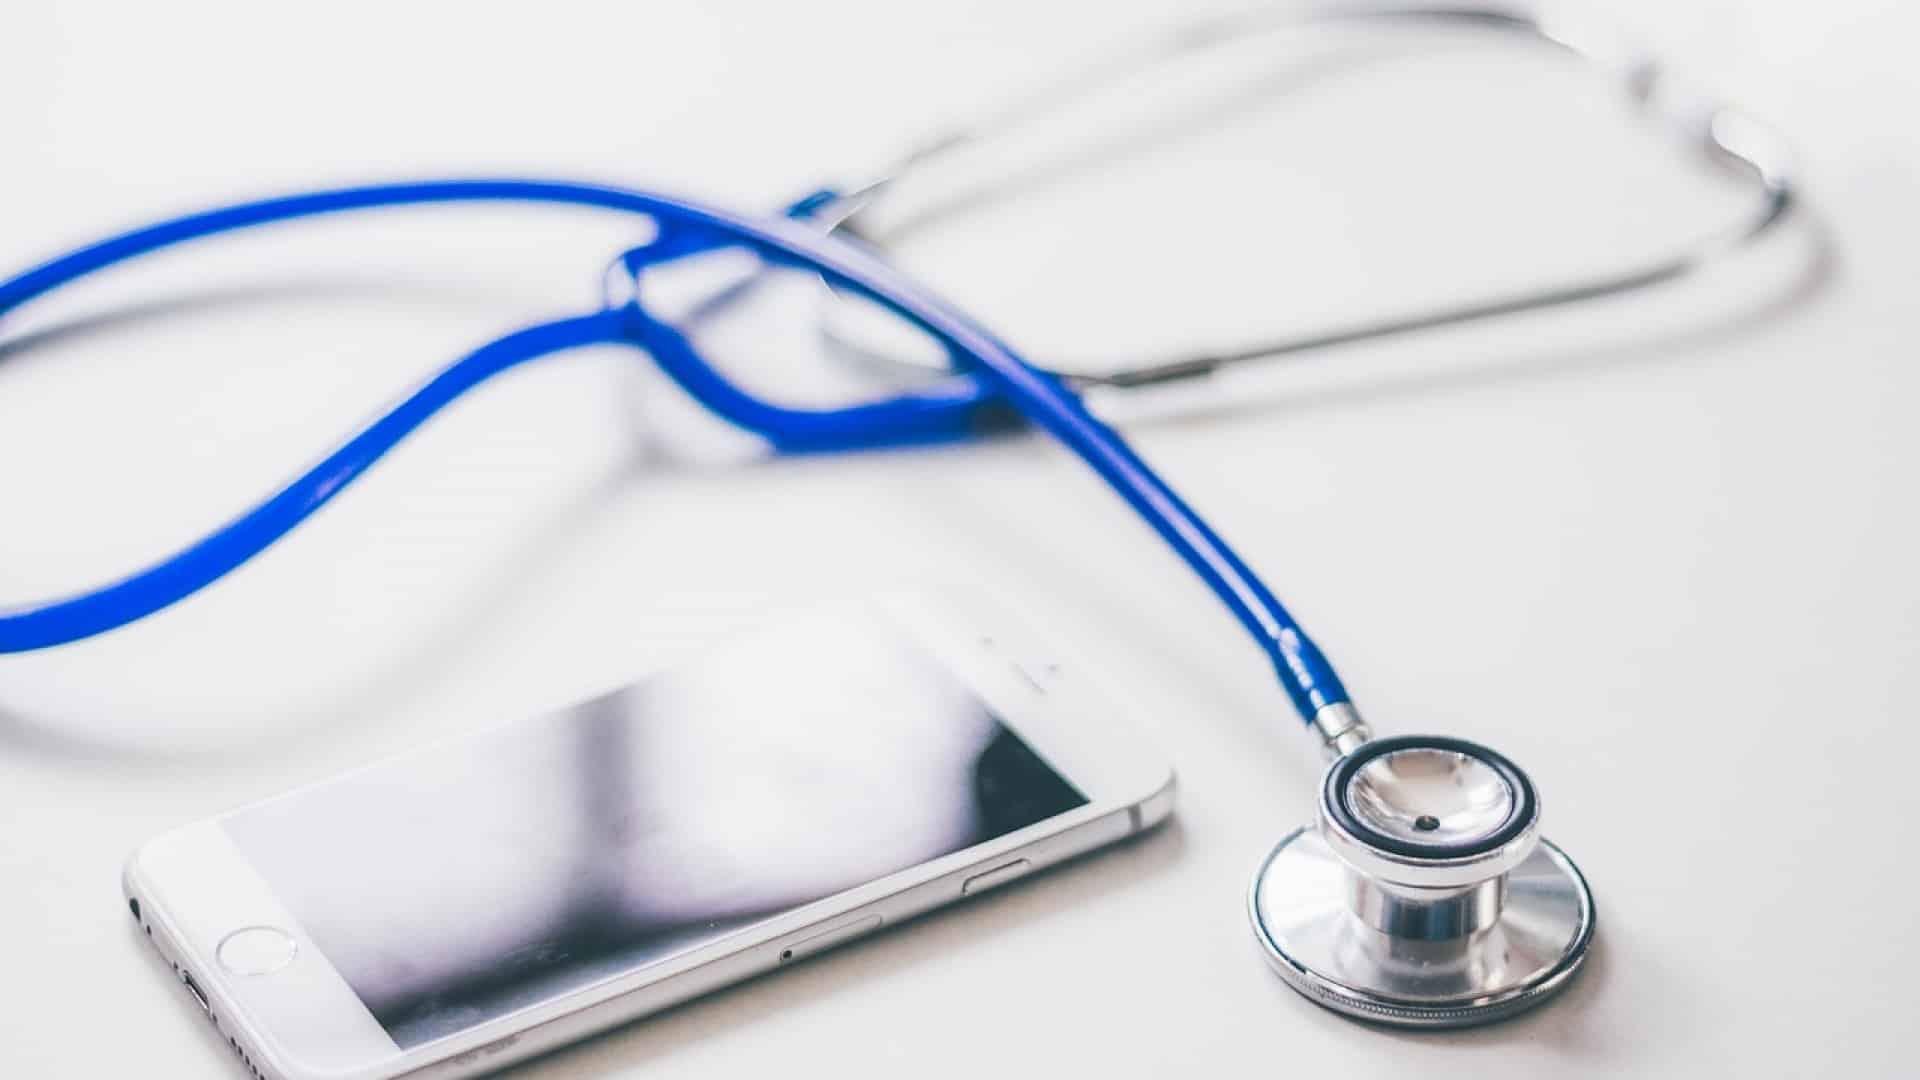 Hébergement des données de santé : l'indispensable certification HDS